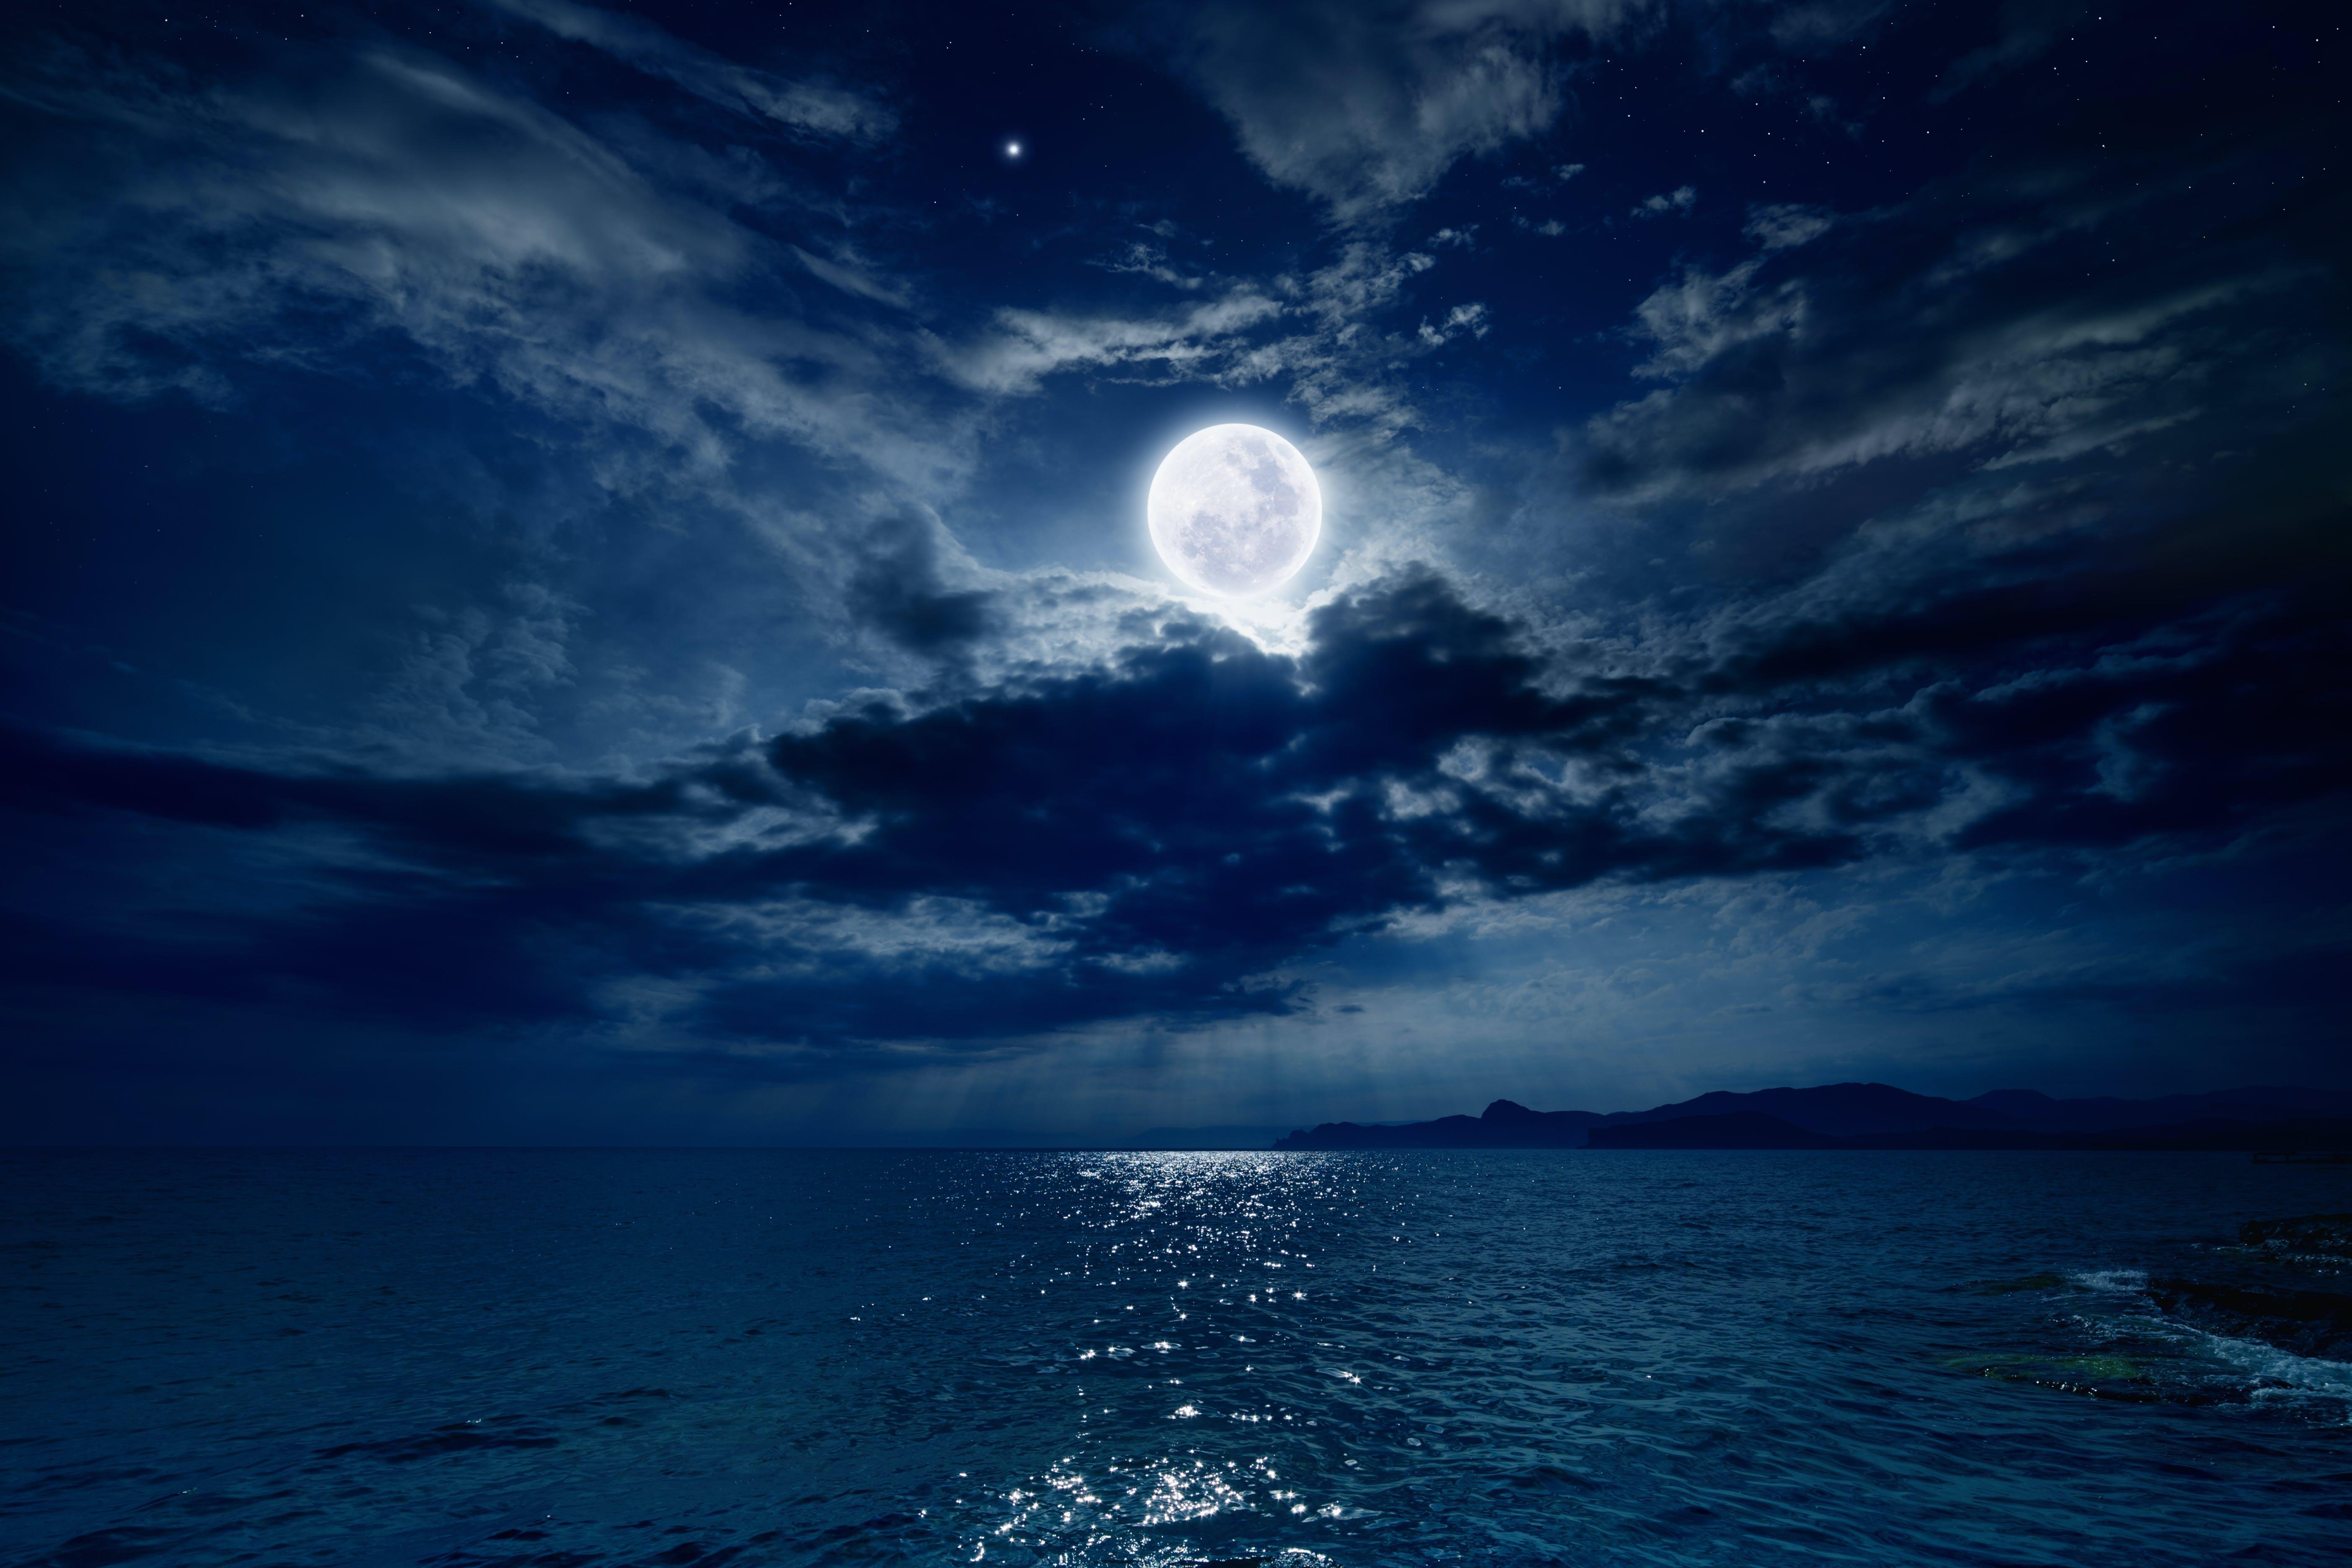 Varför lyser månen så starkt?